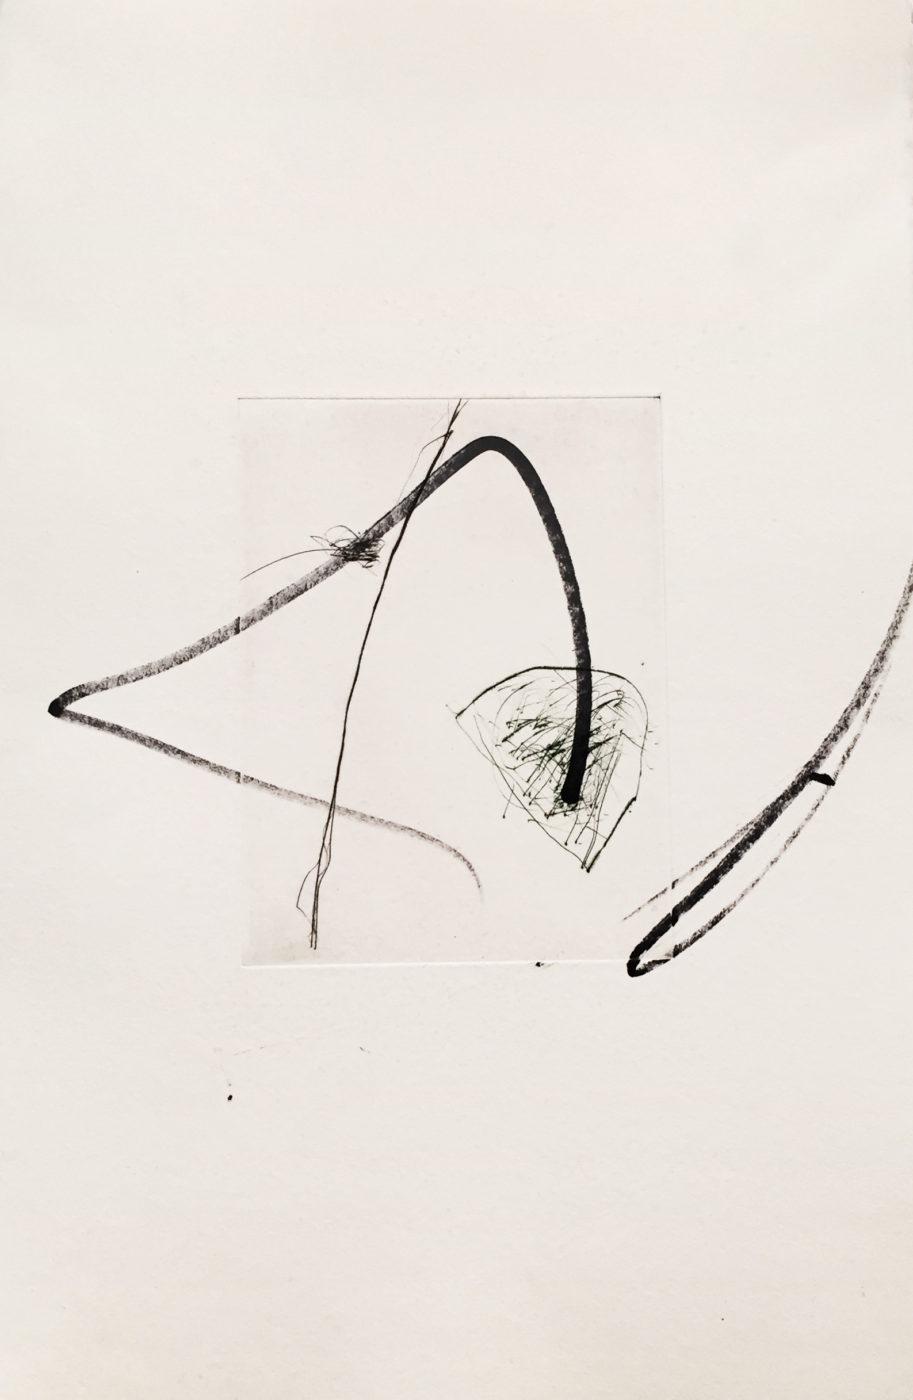 MARC FELD 2010-2016 LIGNES DE FUITE 6 Gravure sur zinc rehaussée au stylo feutre 28 x 38 cm tirage Patrick Vernet